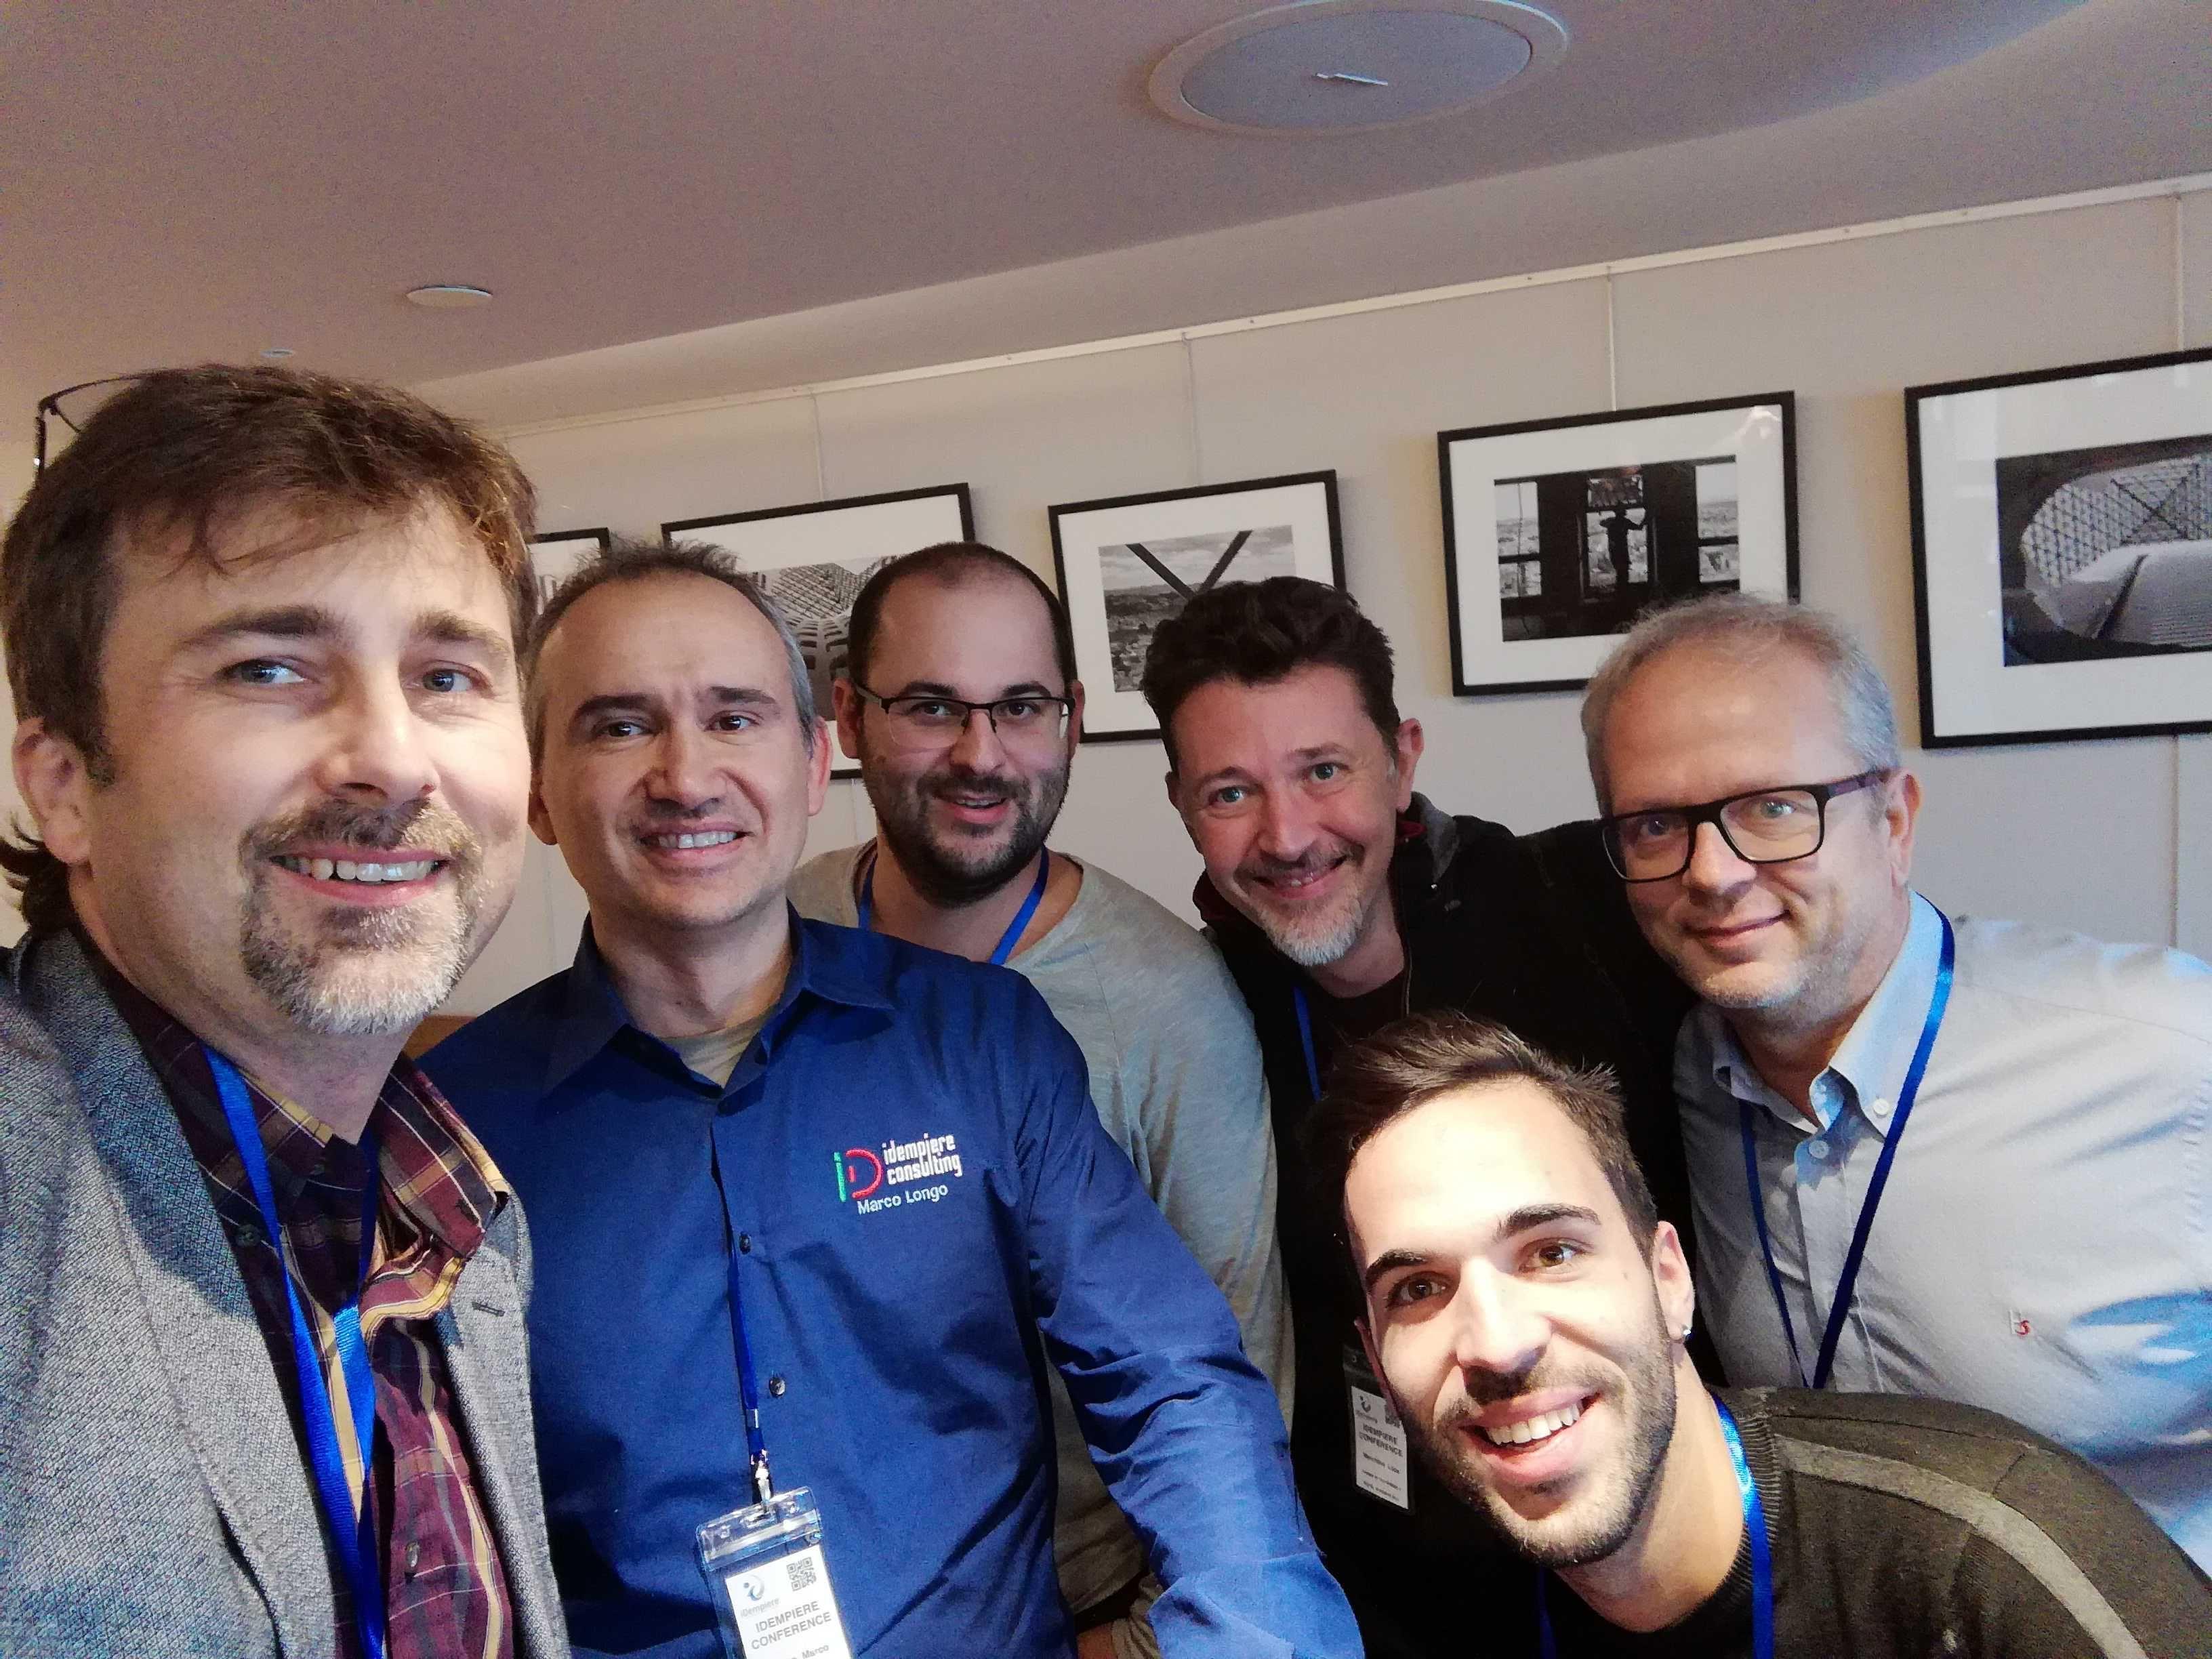 idempiere-group-photo